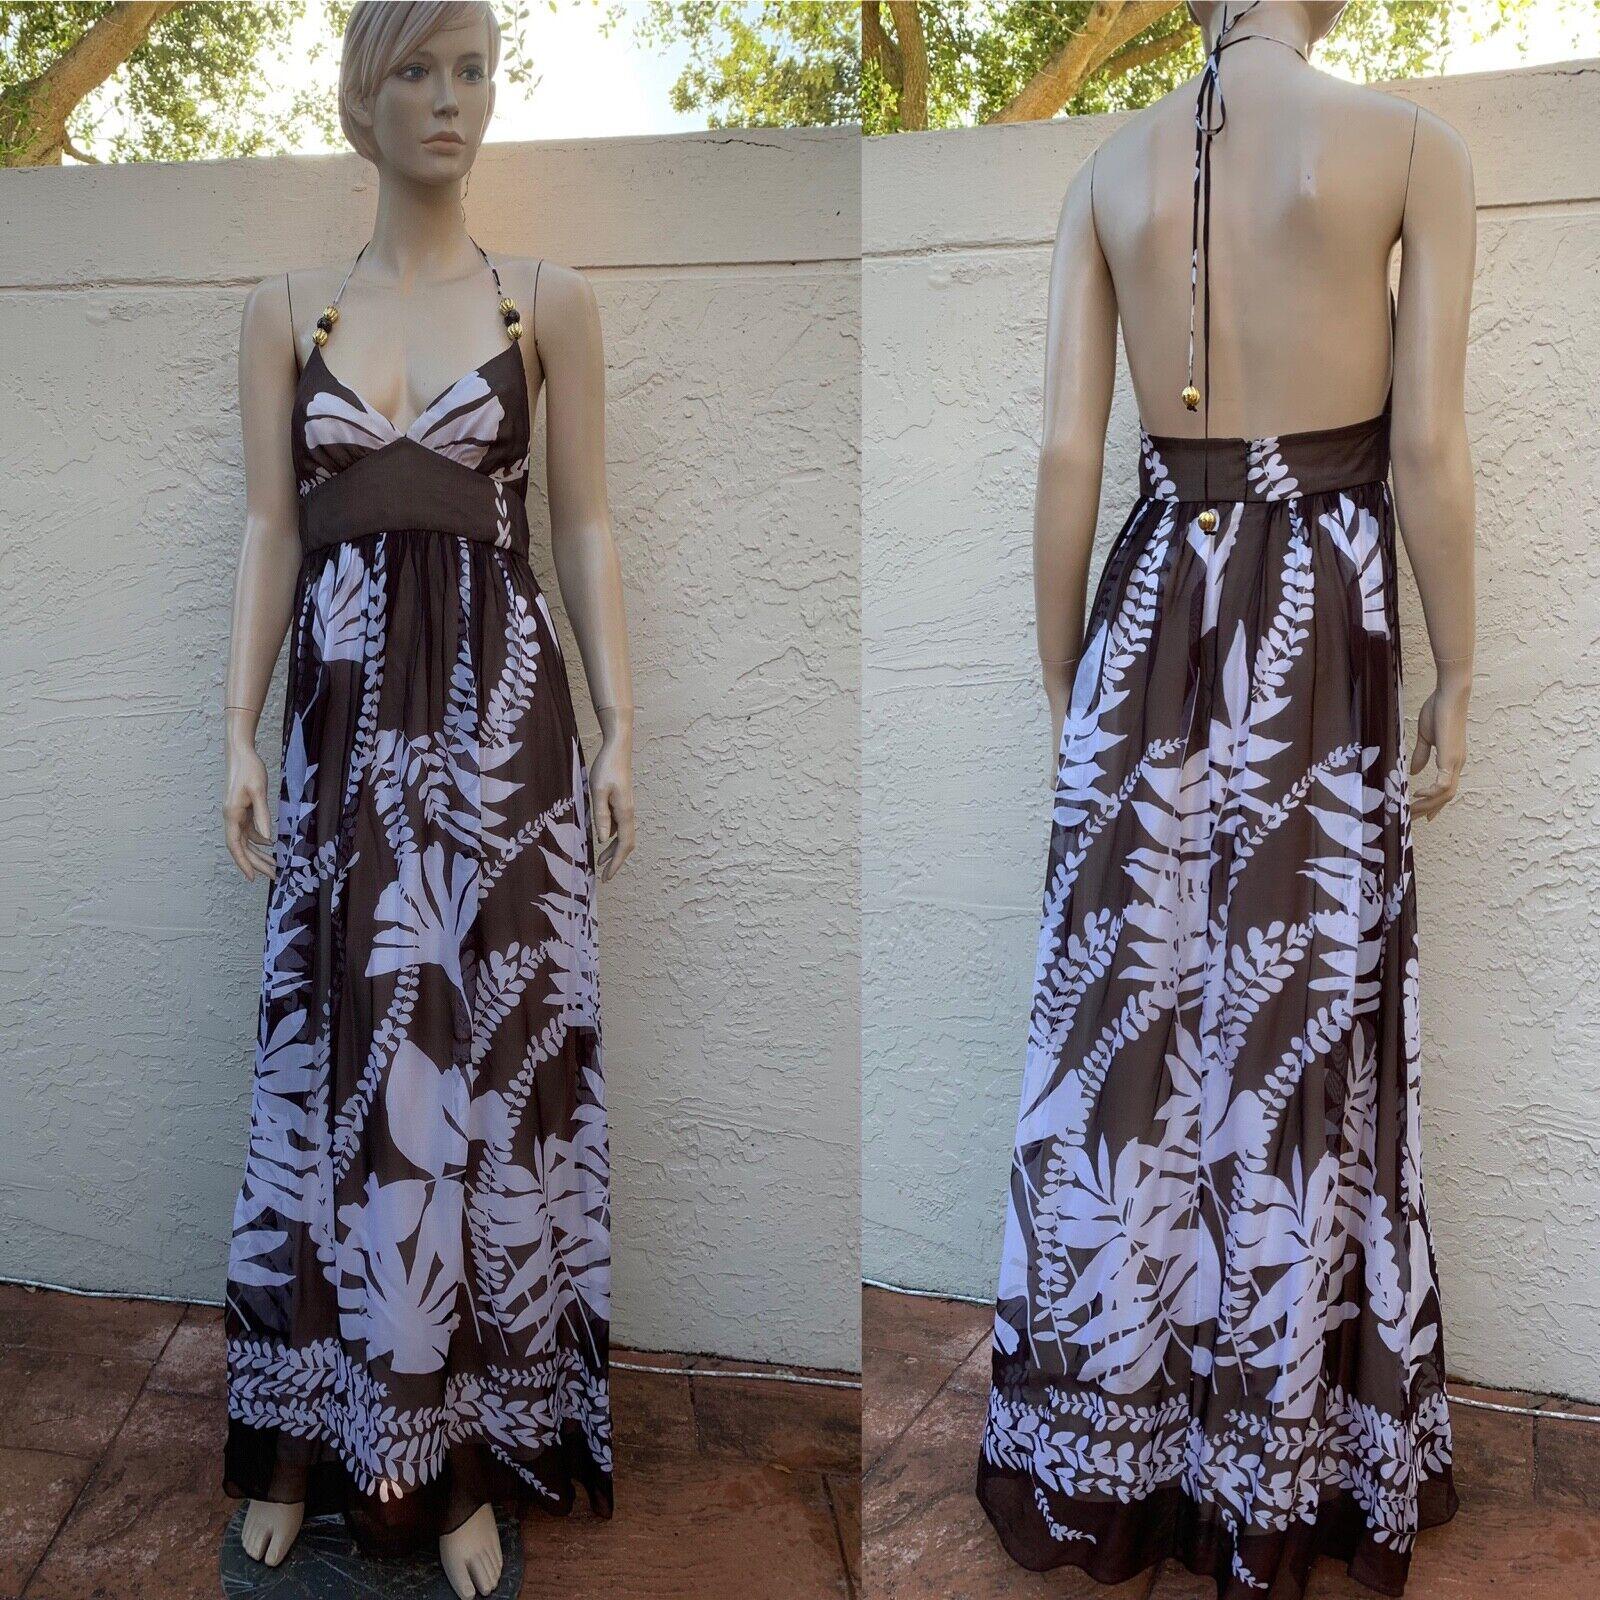 MILLY  magnífico Maxi Vestido Halter Floral 100% seda Talla 6  el estilo clásico